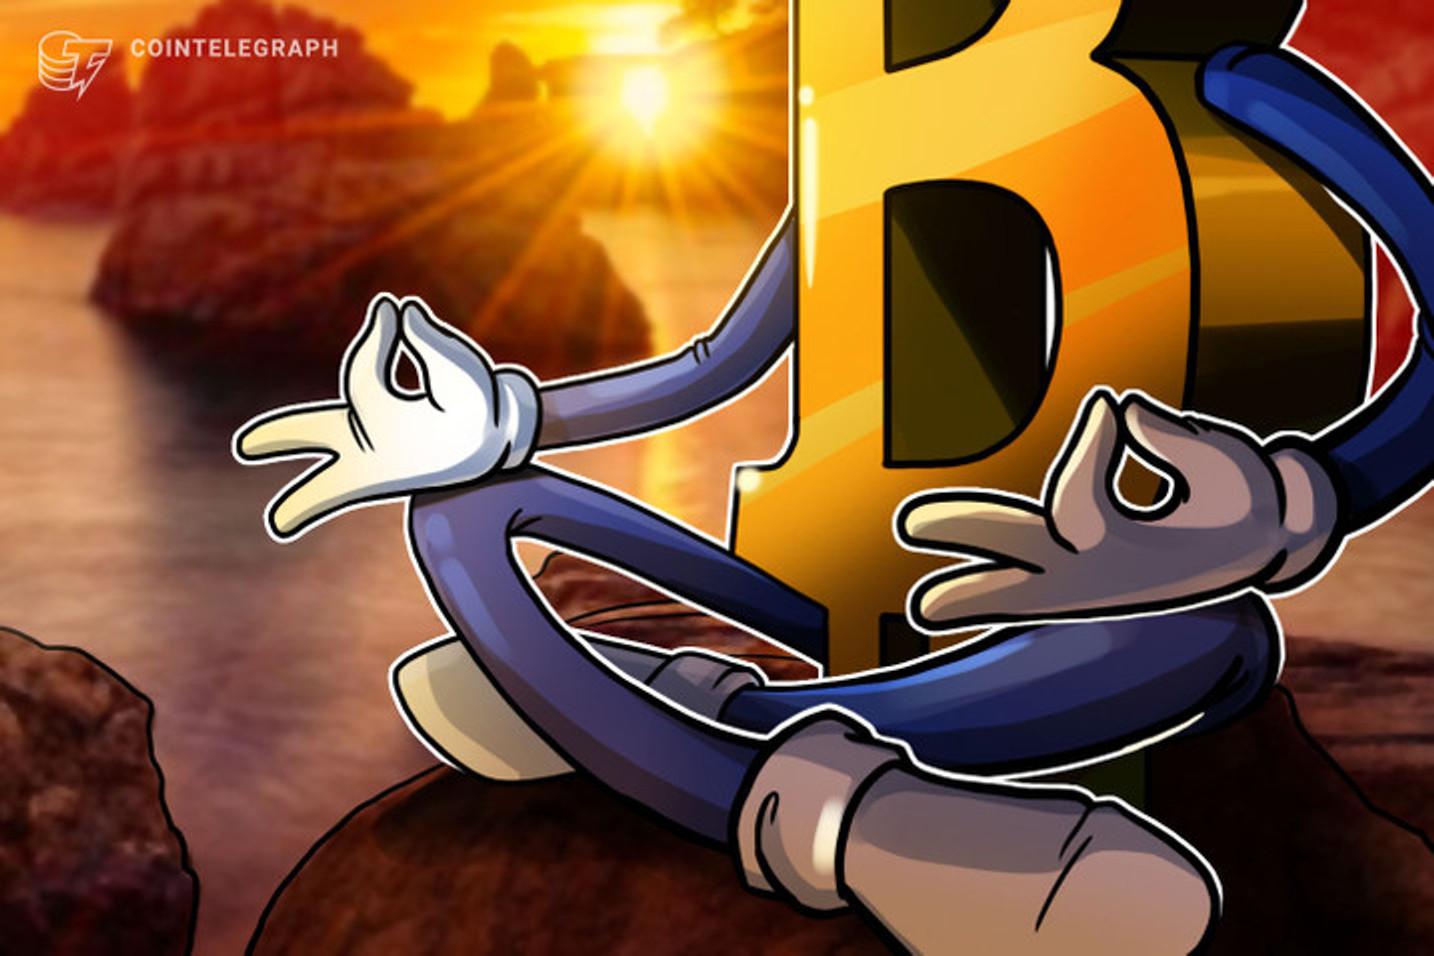 Analistas esperam queda mais acentuada para o Bitcoin